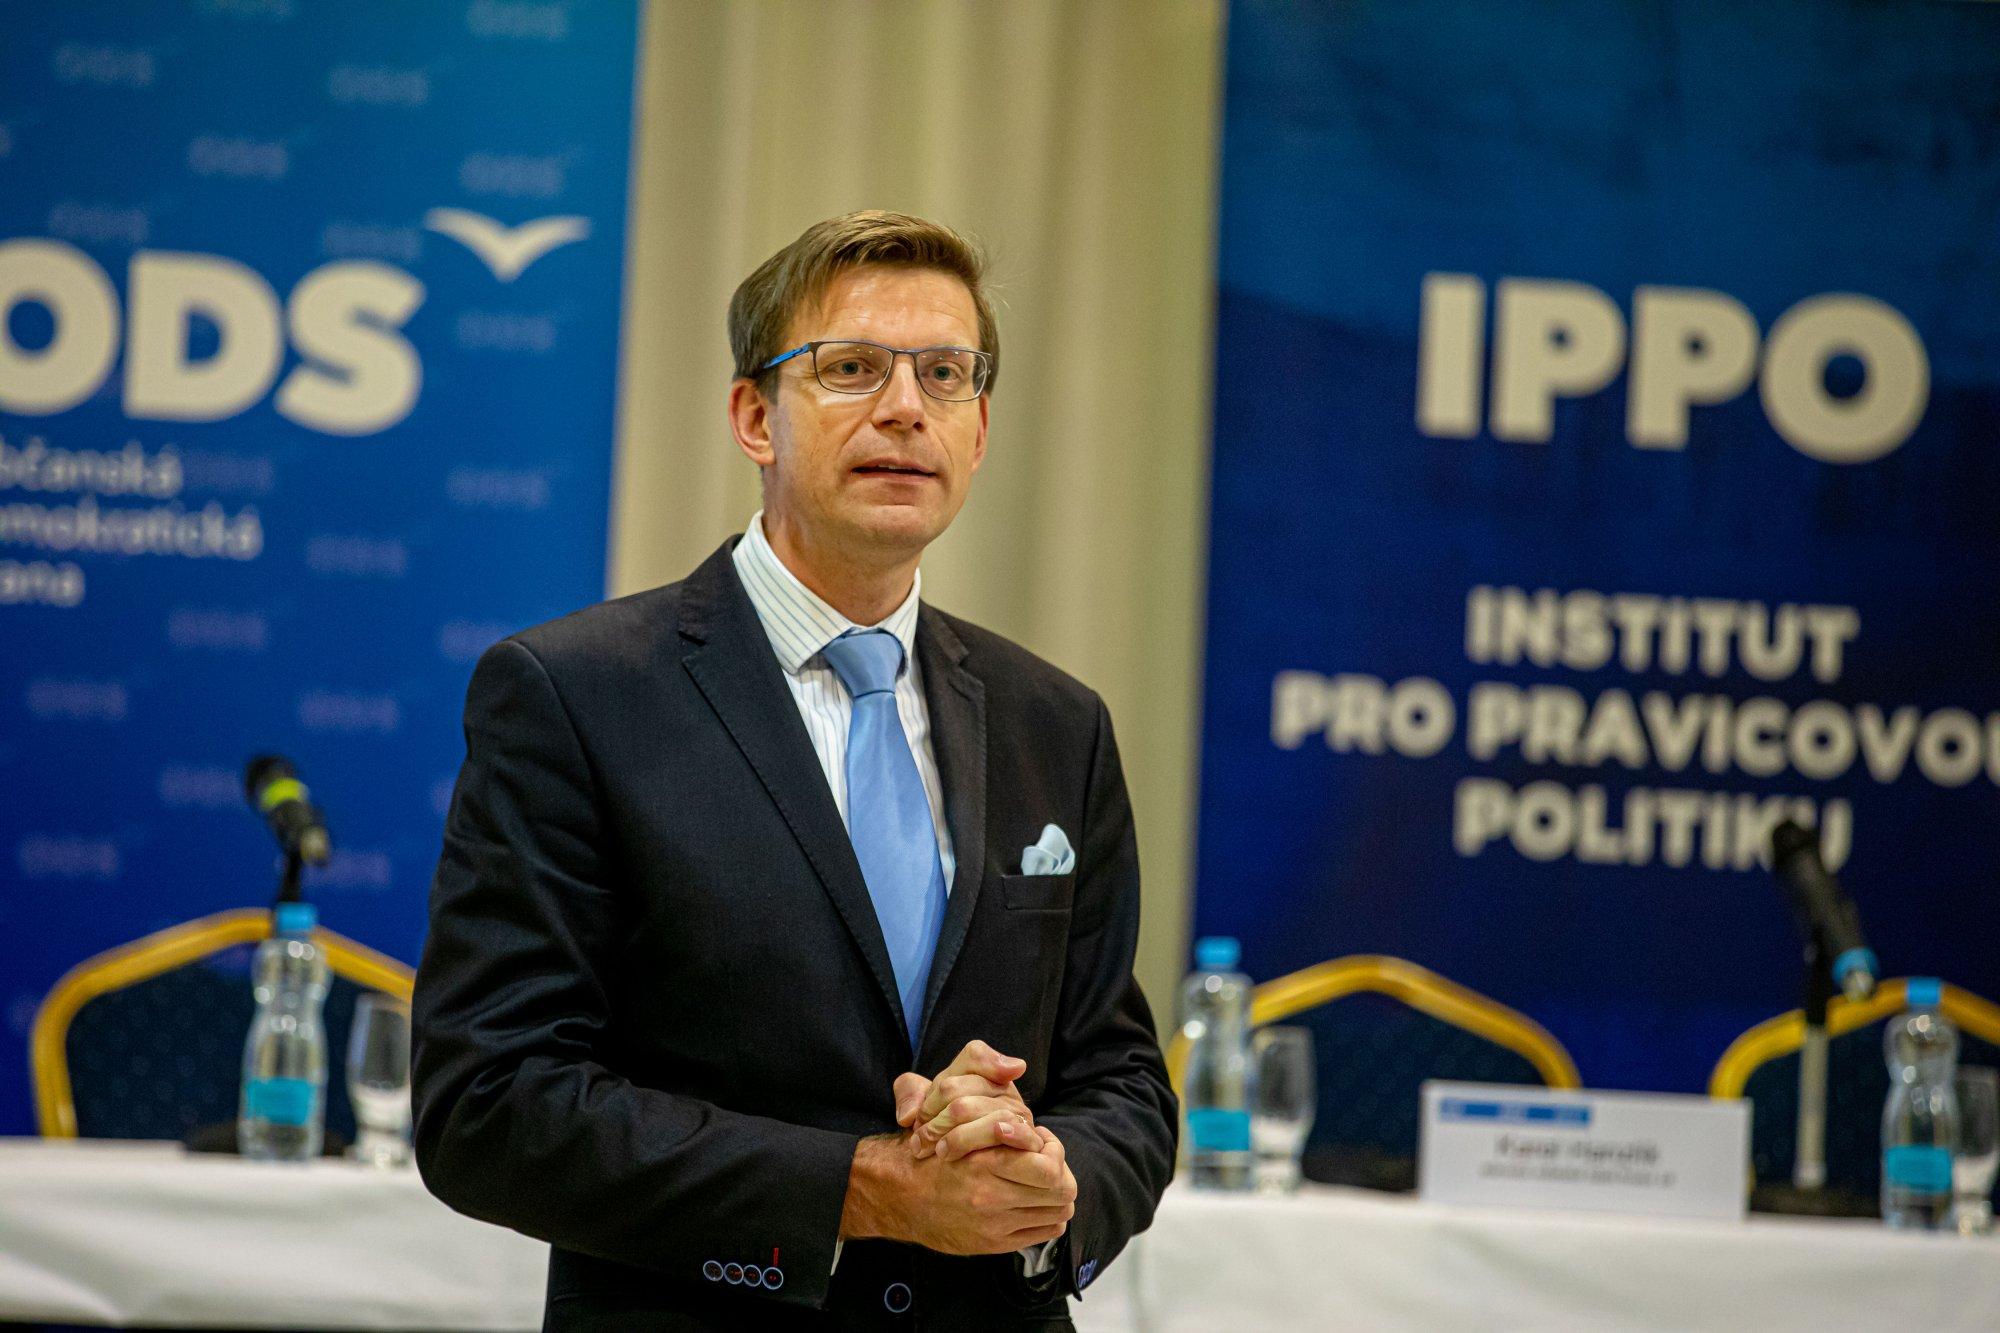 Ministr Havlíček si přisvojil úspěch ODS, na ministerstvu žádný vlastní nemá